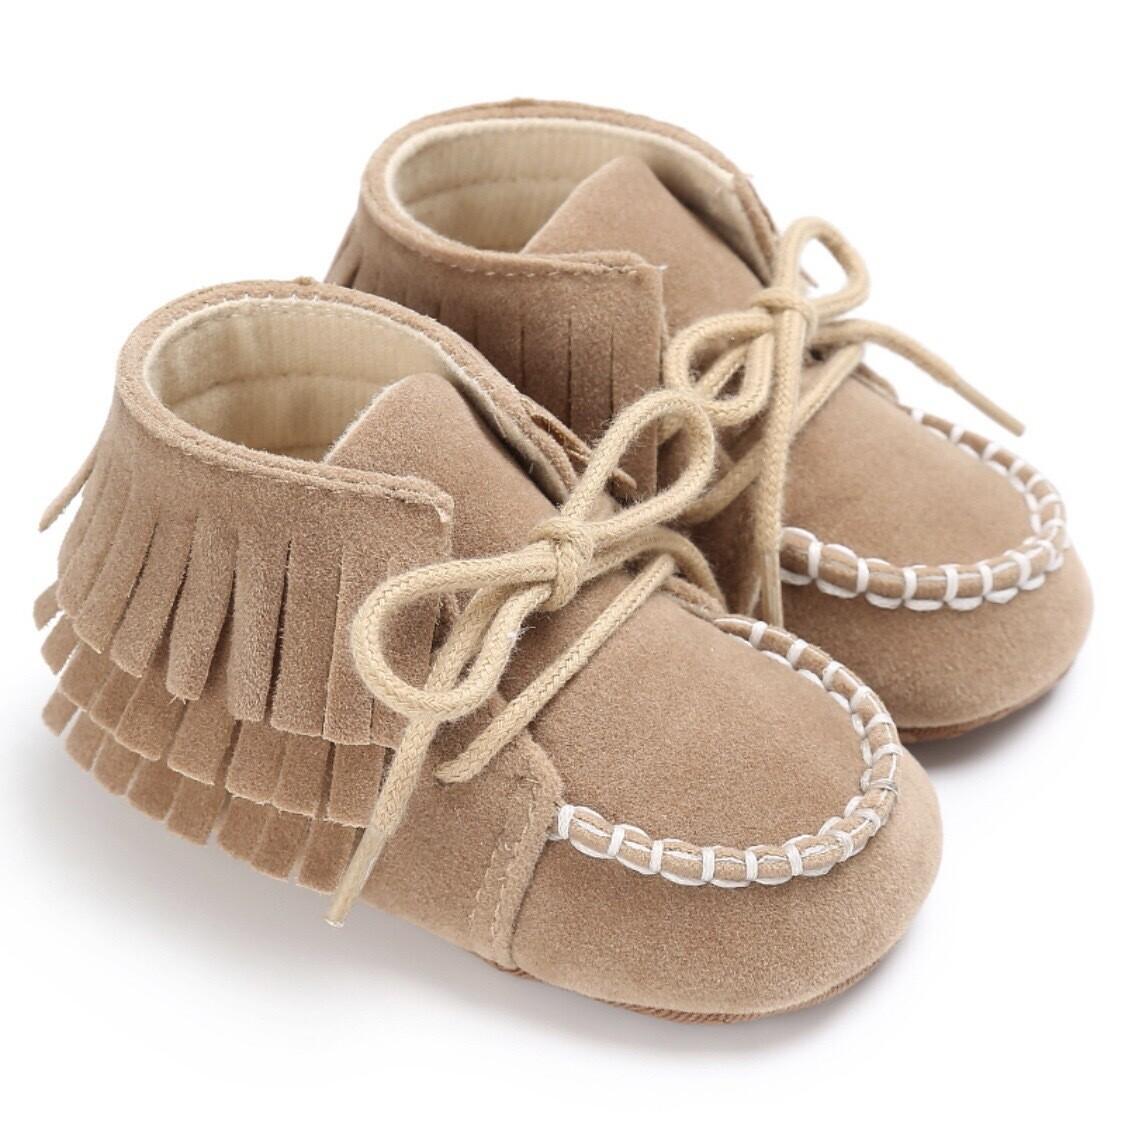 Layered Fringed Shoes